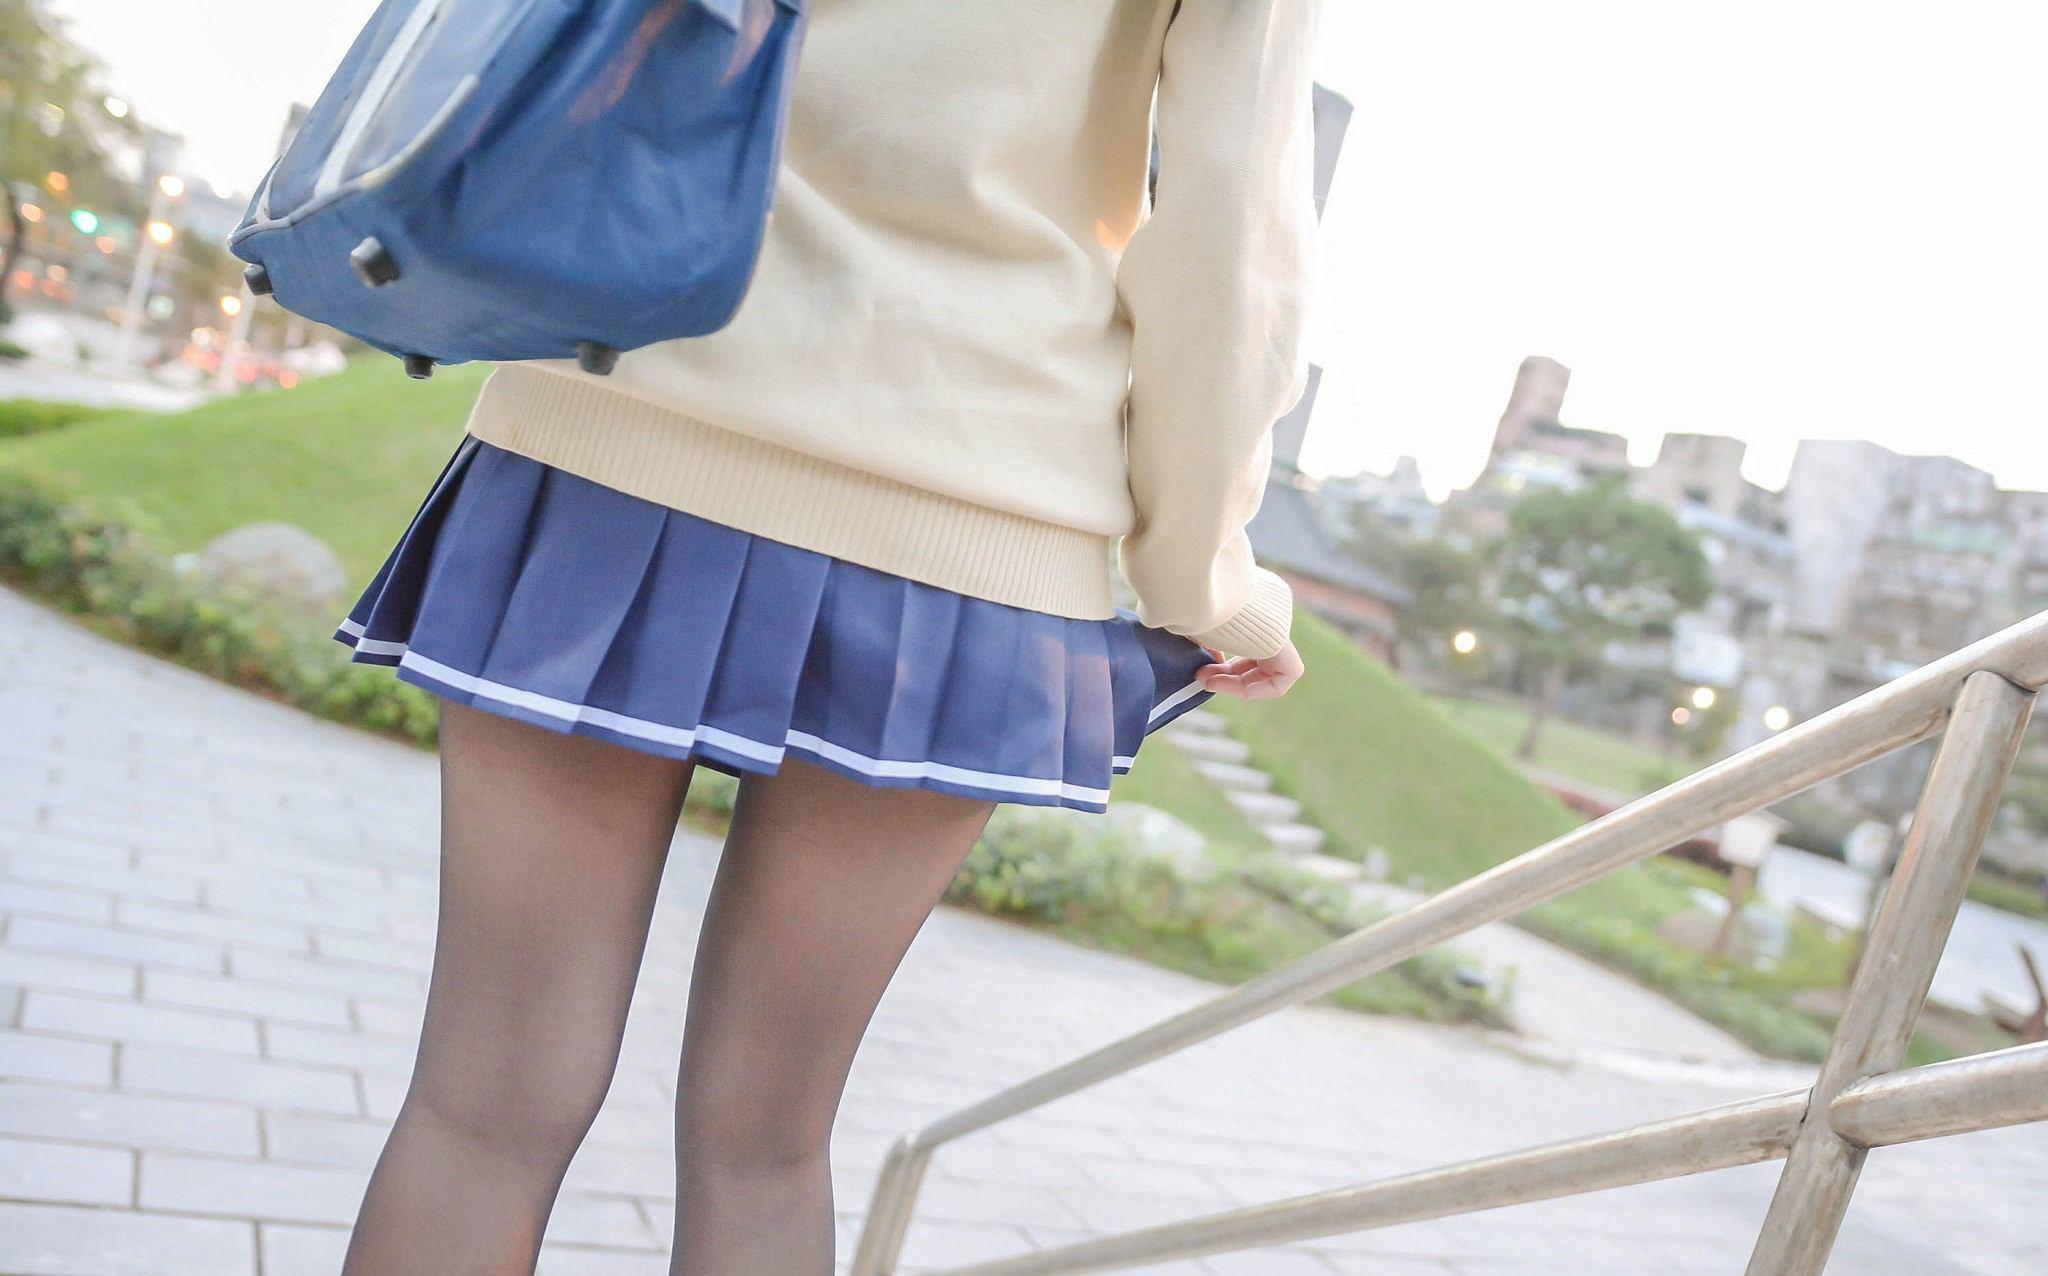 【兔玩映画】沉迷看腿,无法自拔 兔玩映画 第10张